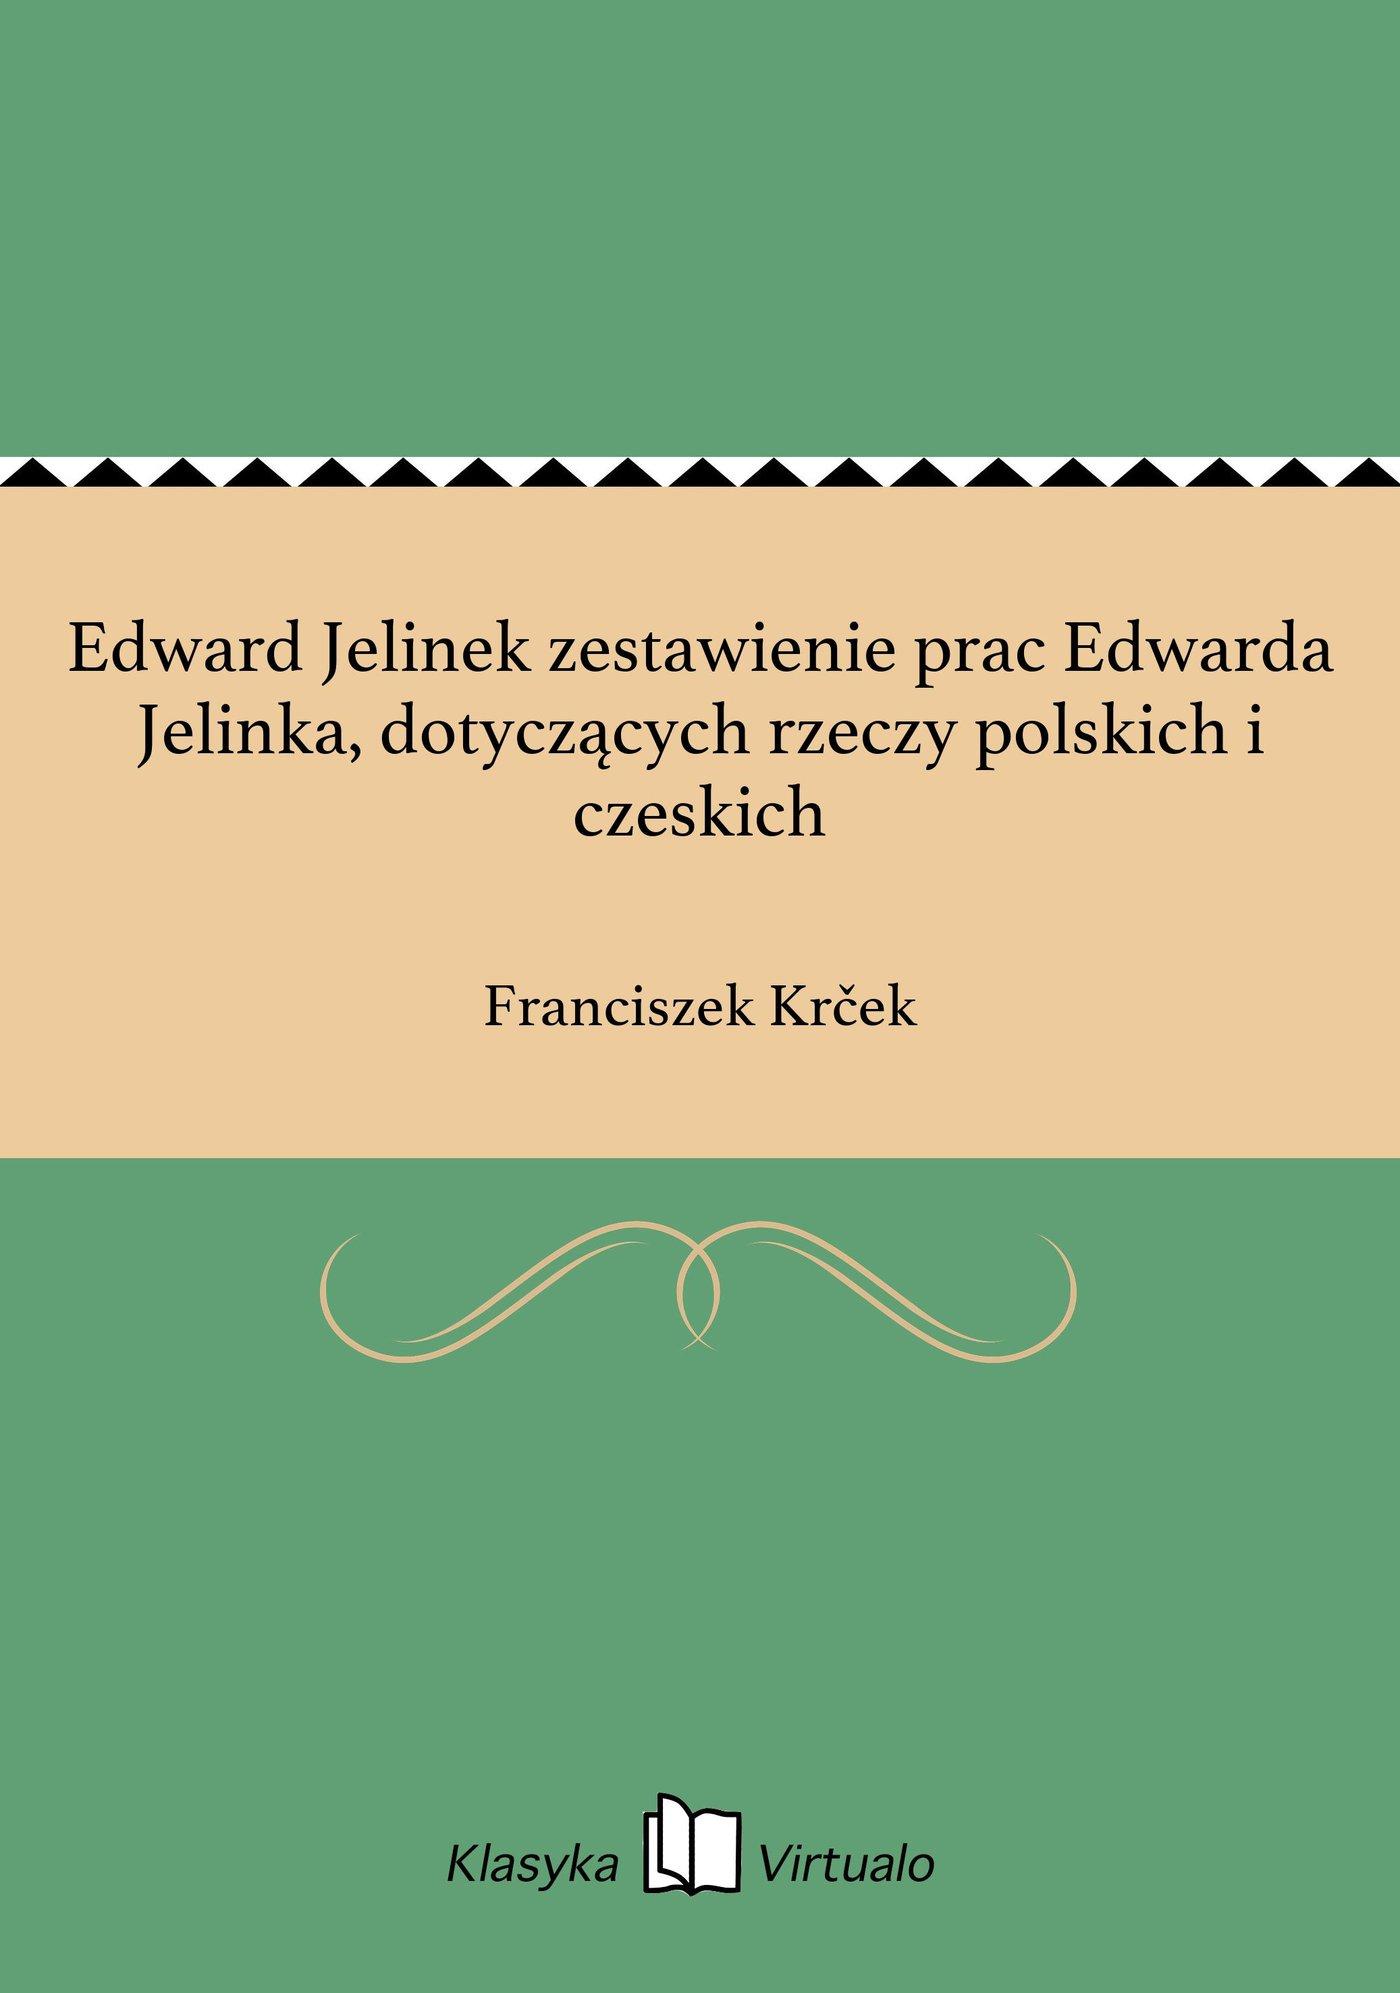 Edward Jelinek zestawienie prac Edwarda Jelinka, dotyczących rzeczy polskich i czeskich - Ebook (Książka EPUB) do pobrania w formacie EPUB